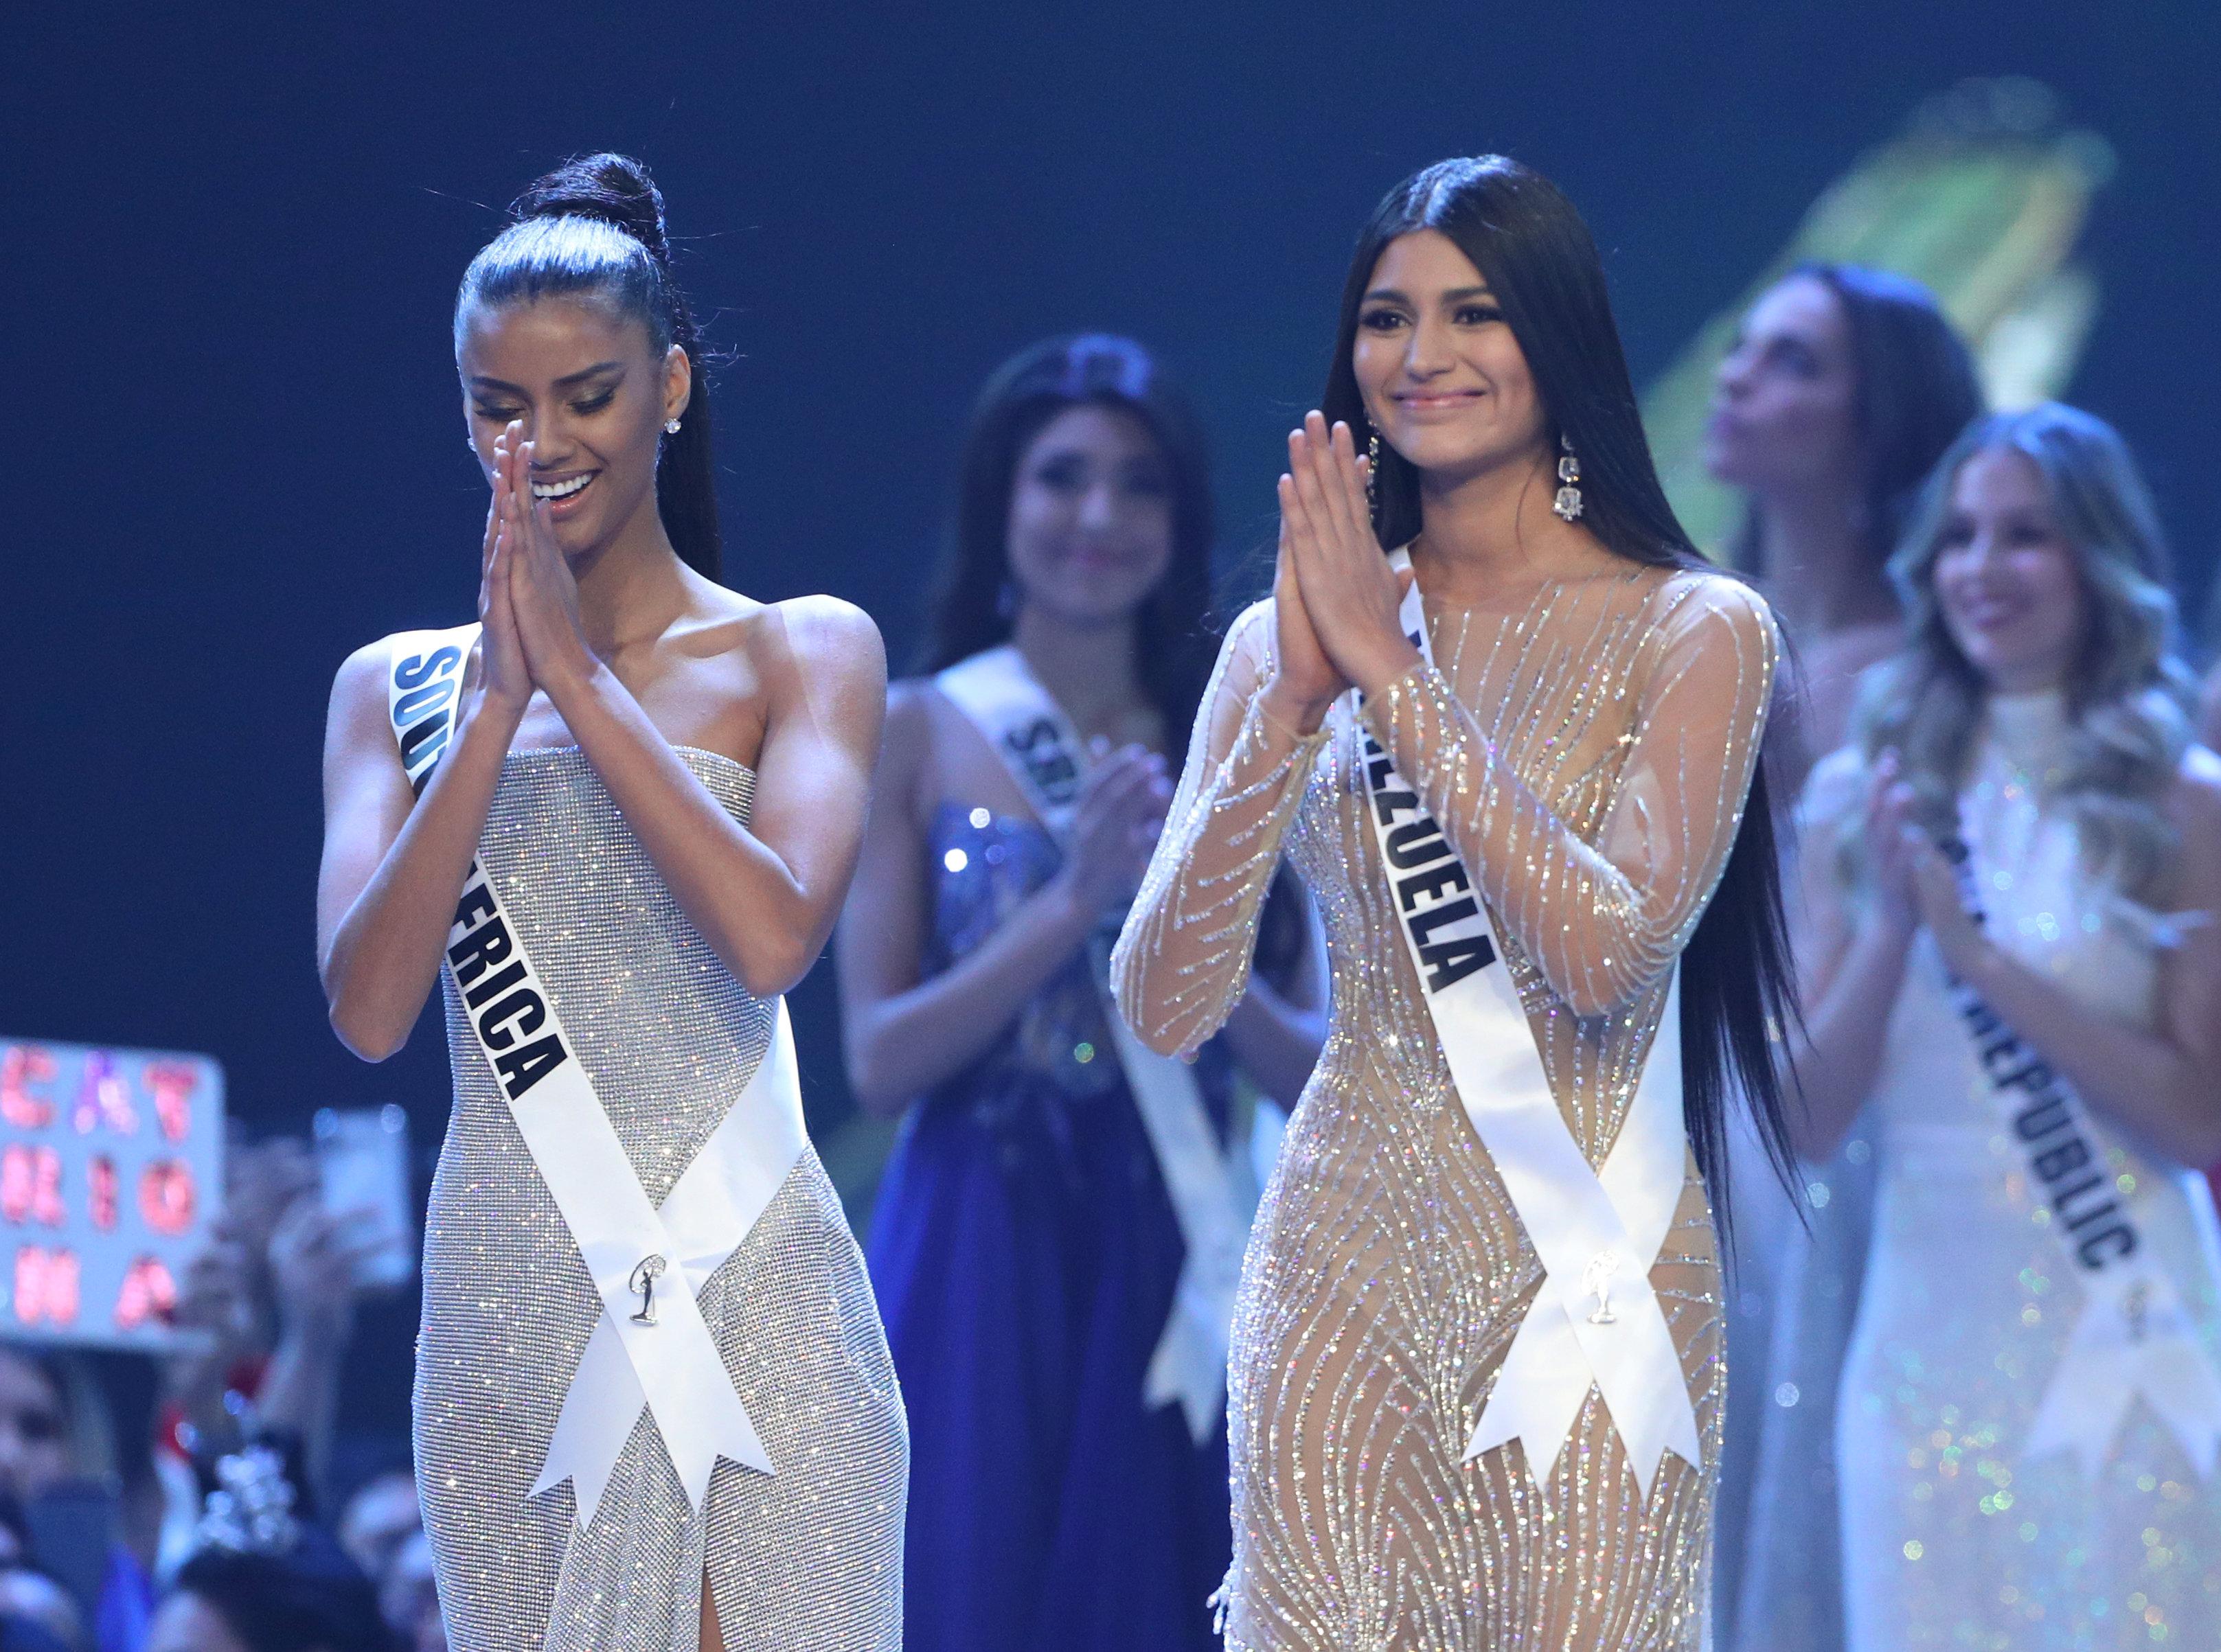 مسابقة ملكة جمال الكون من بانكوك (18)